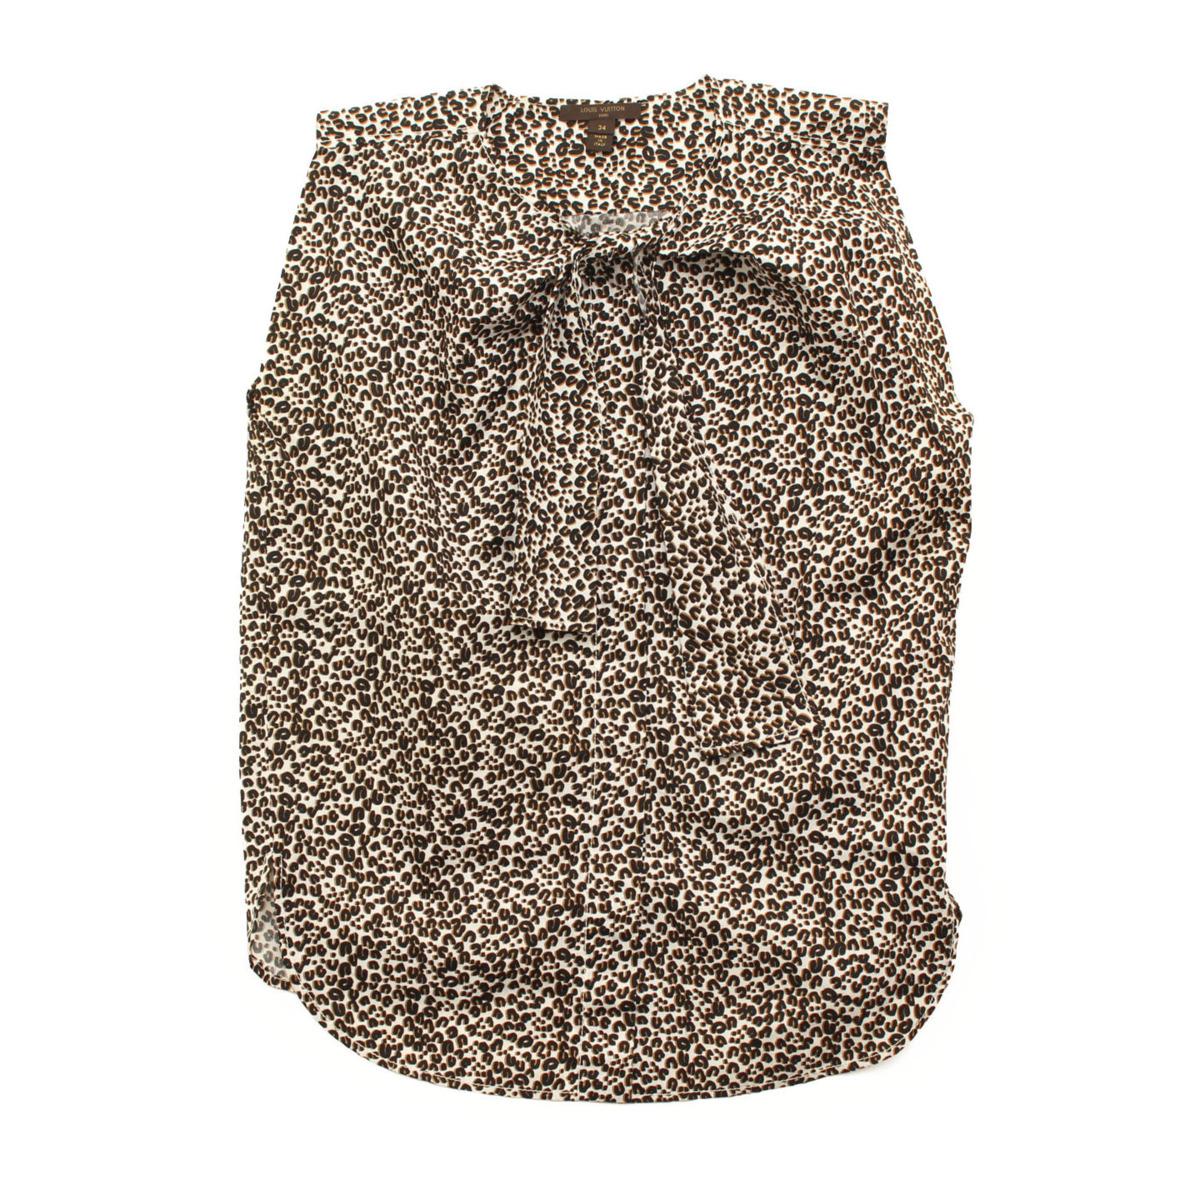 【ルイヴィトン】Louis Vuitton レオパード ブラウス ホワイト ベージュ ブラック 34 【中古】【鑑定済・正規品保証】【送料無料】36210